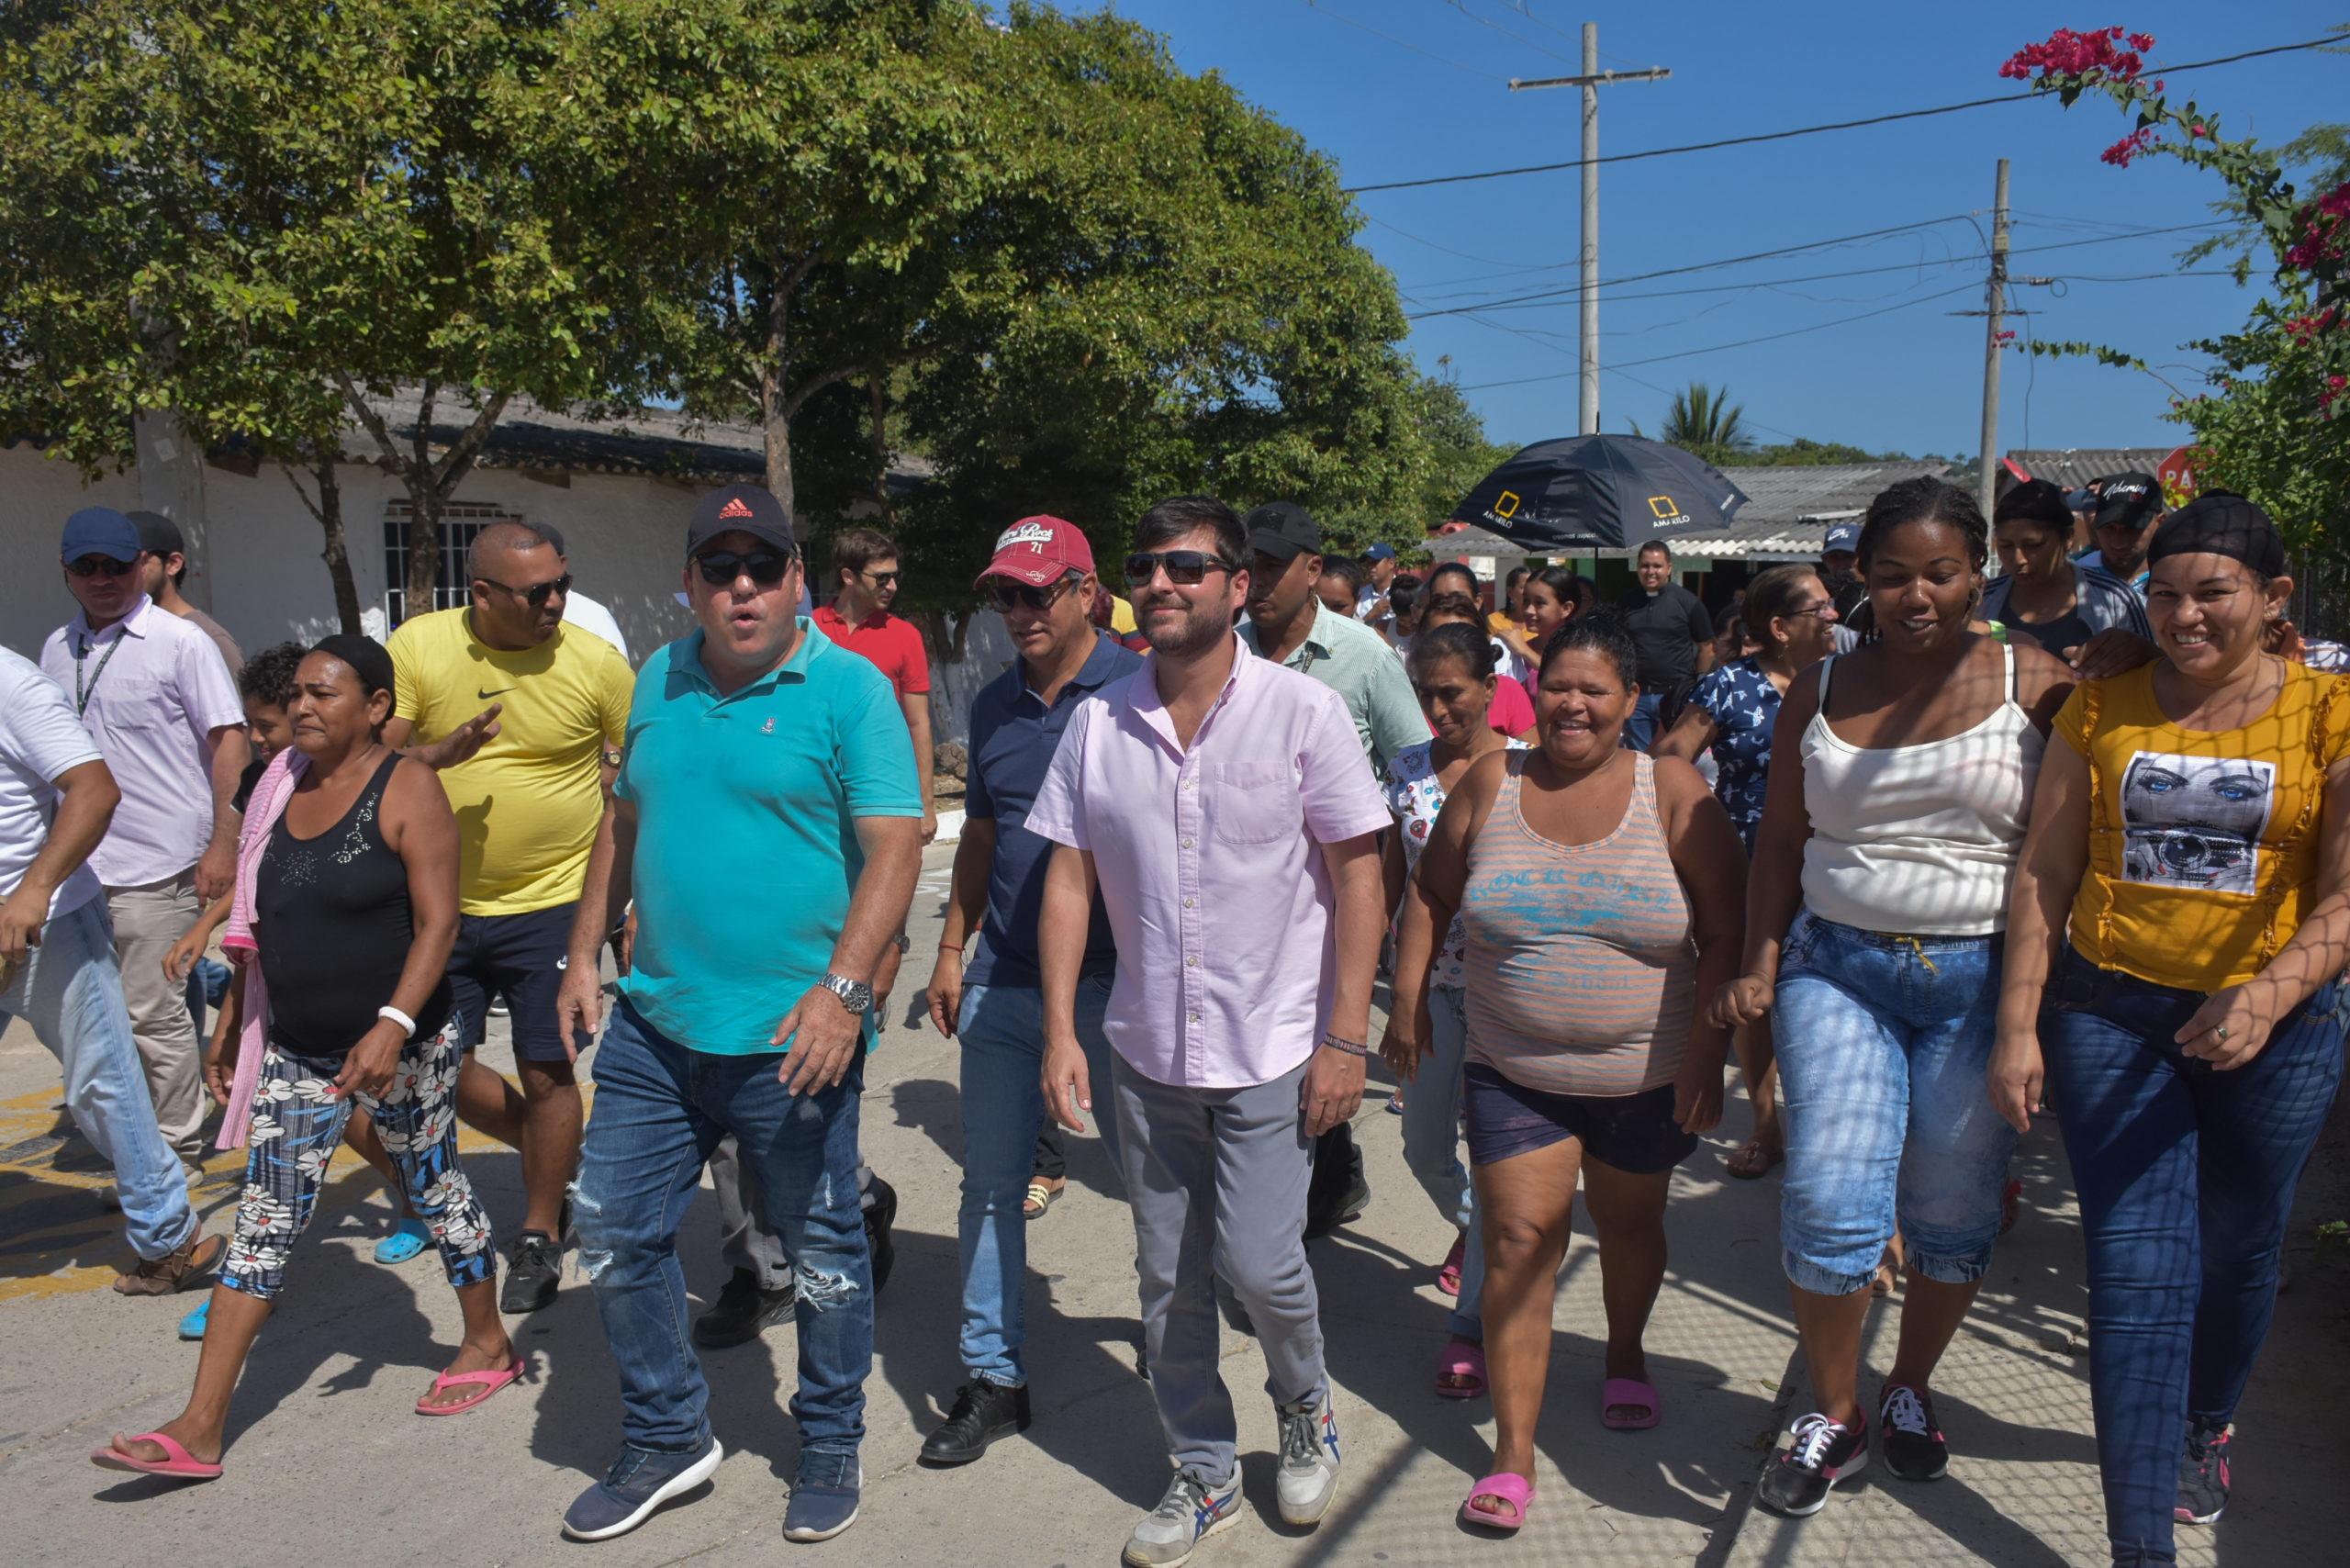 Alcalde Pumarejo socializa con habitantes nuevas vías y parques en Barranquilla